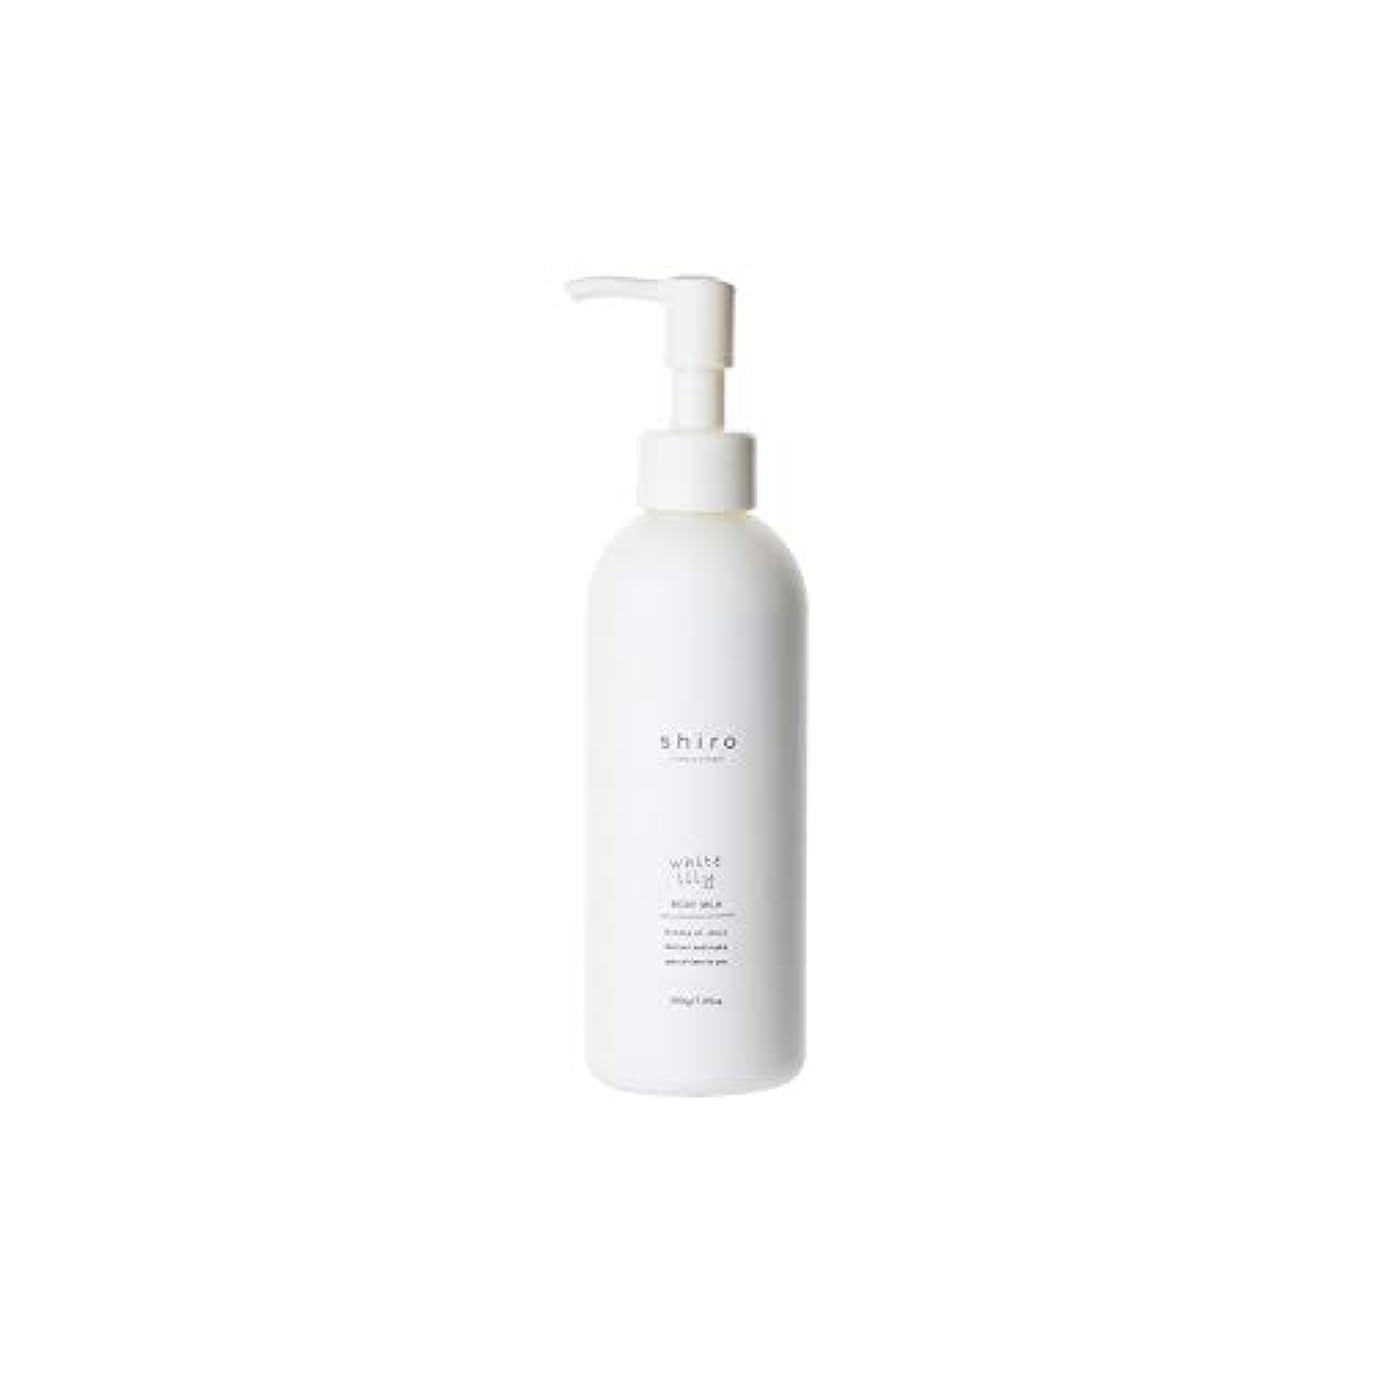 艶ラベル蒸留するshiro white lily ホワイトリリー ボディミルク 200g